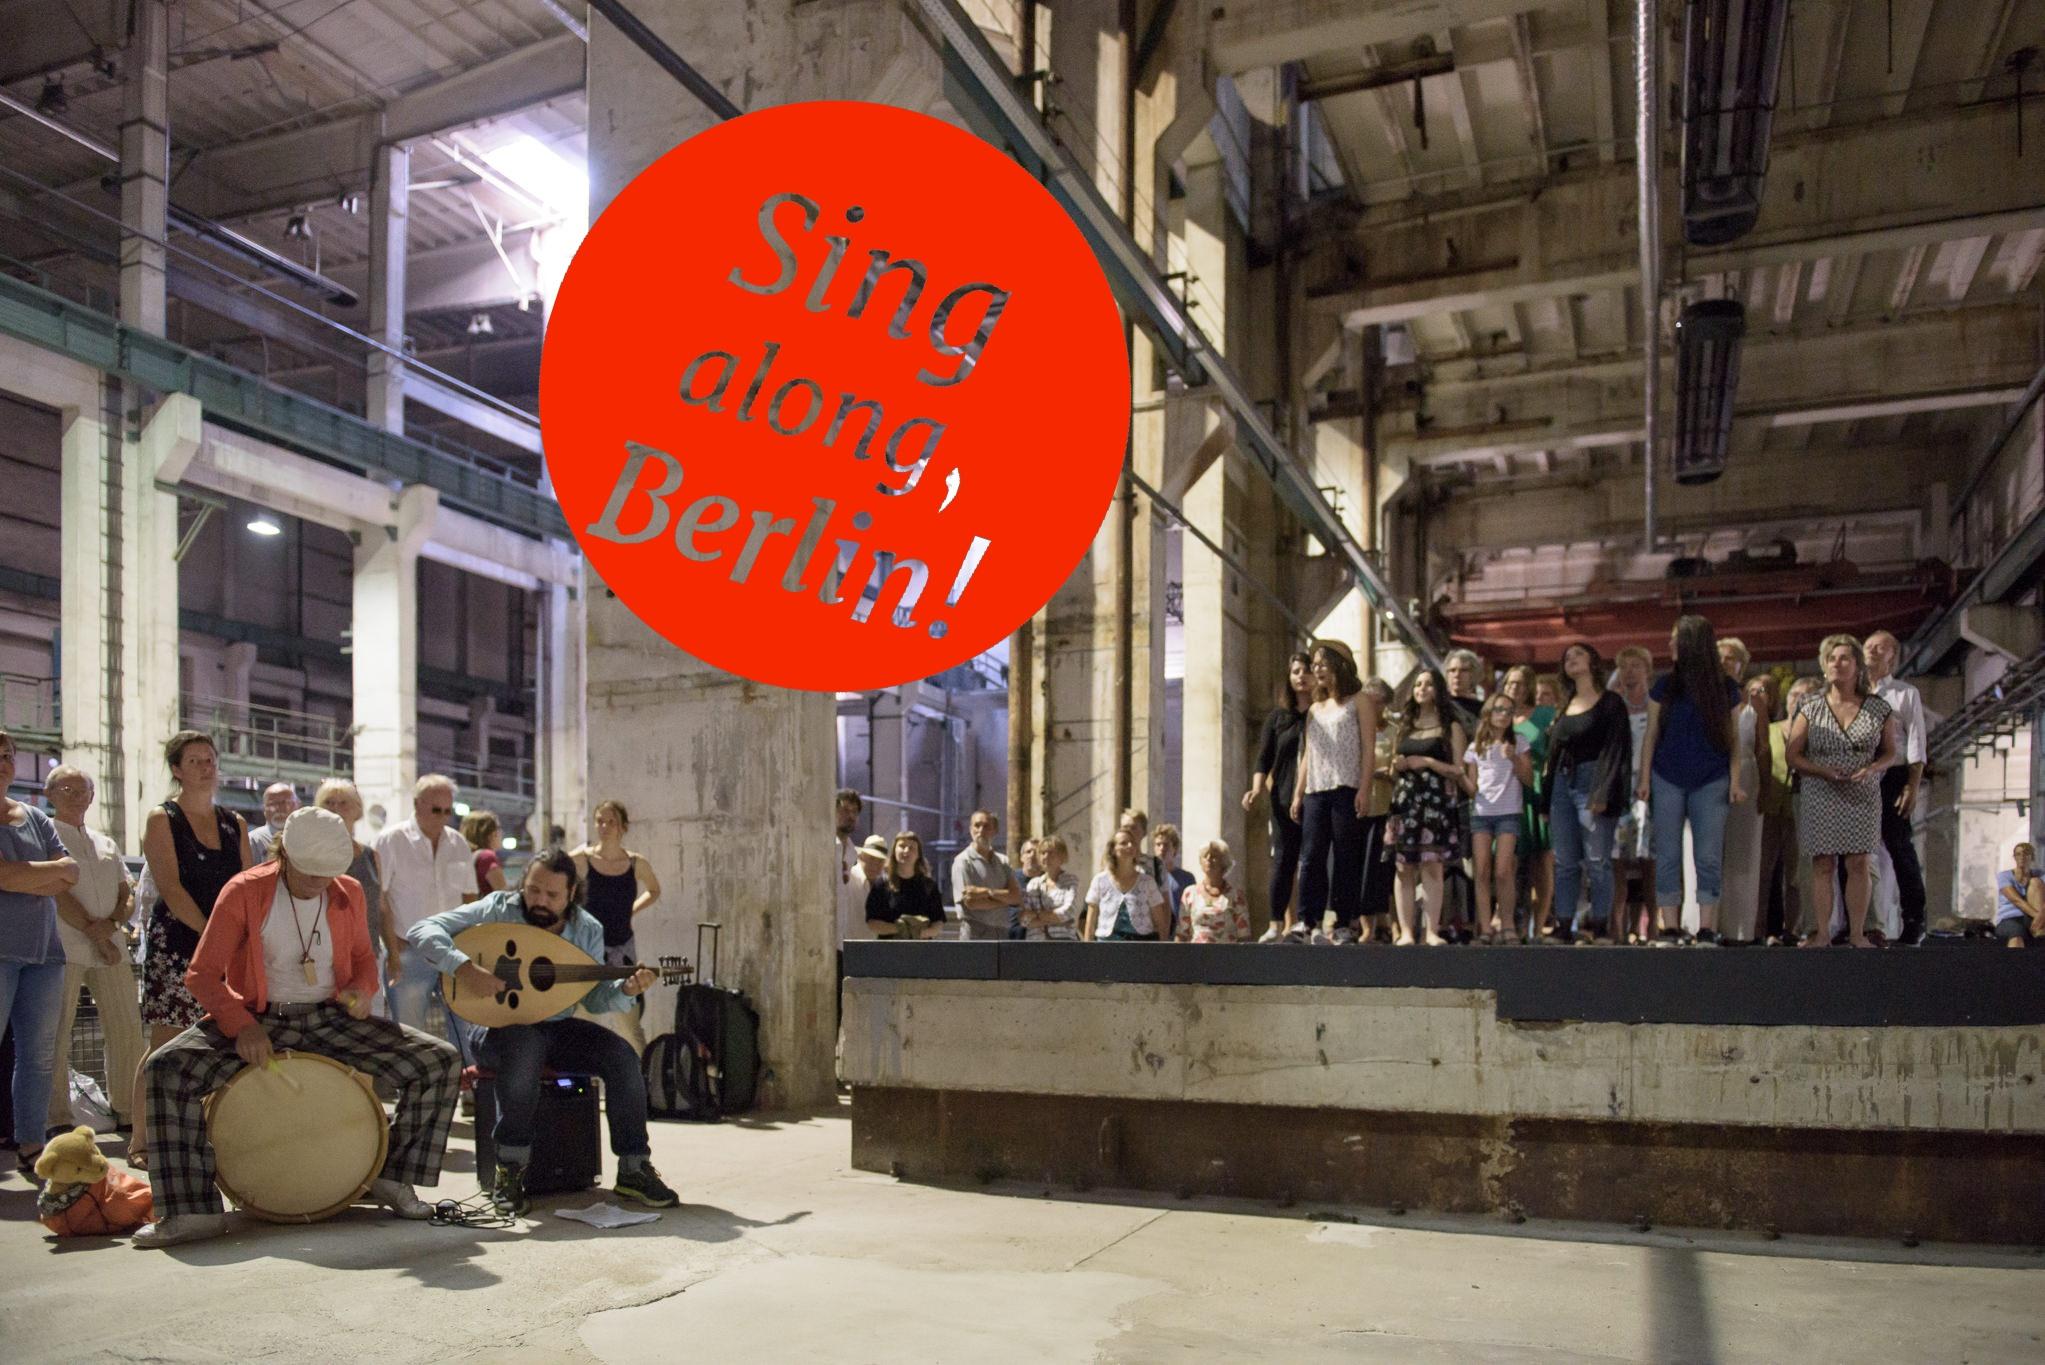 Sing_along_Berlin-5810sa